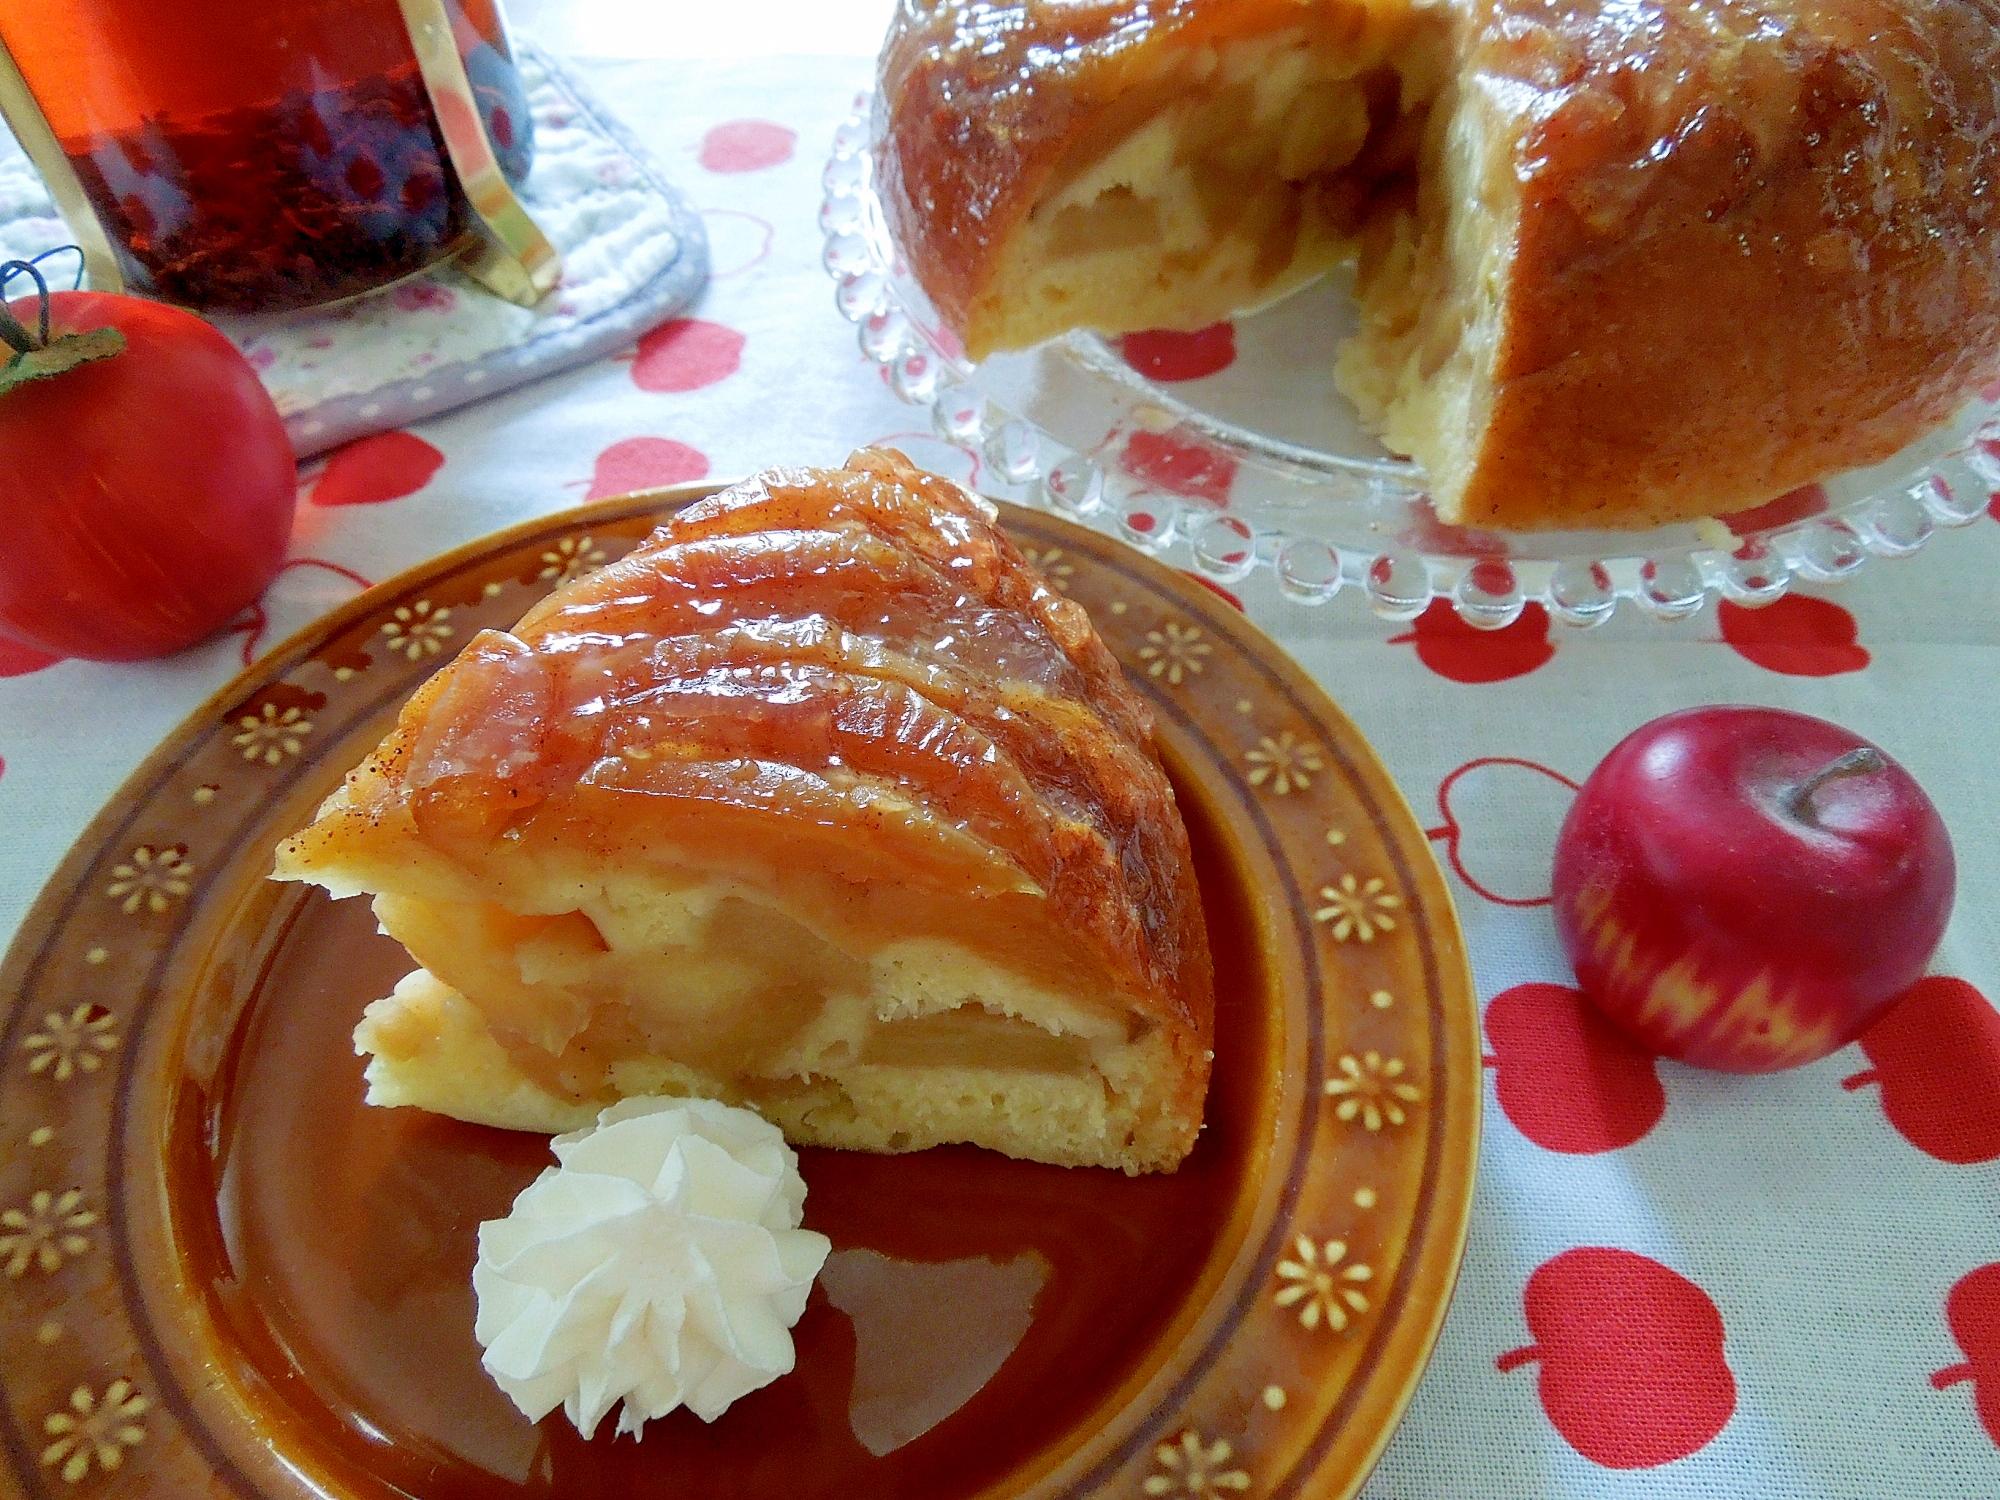 6. シナモンとりんごの豆乳アップルケーキ